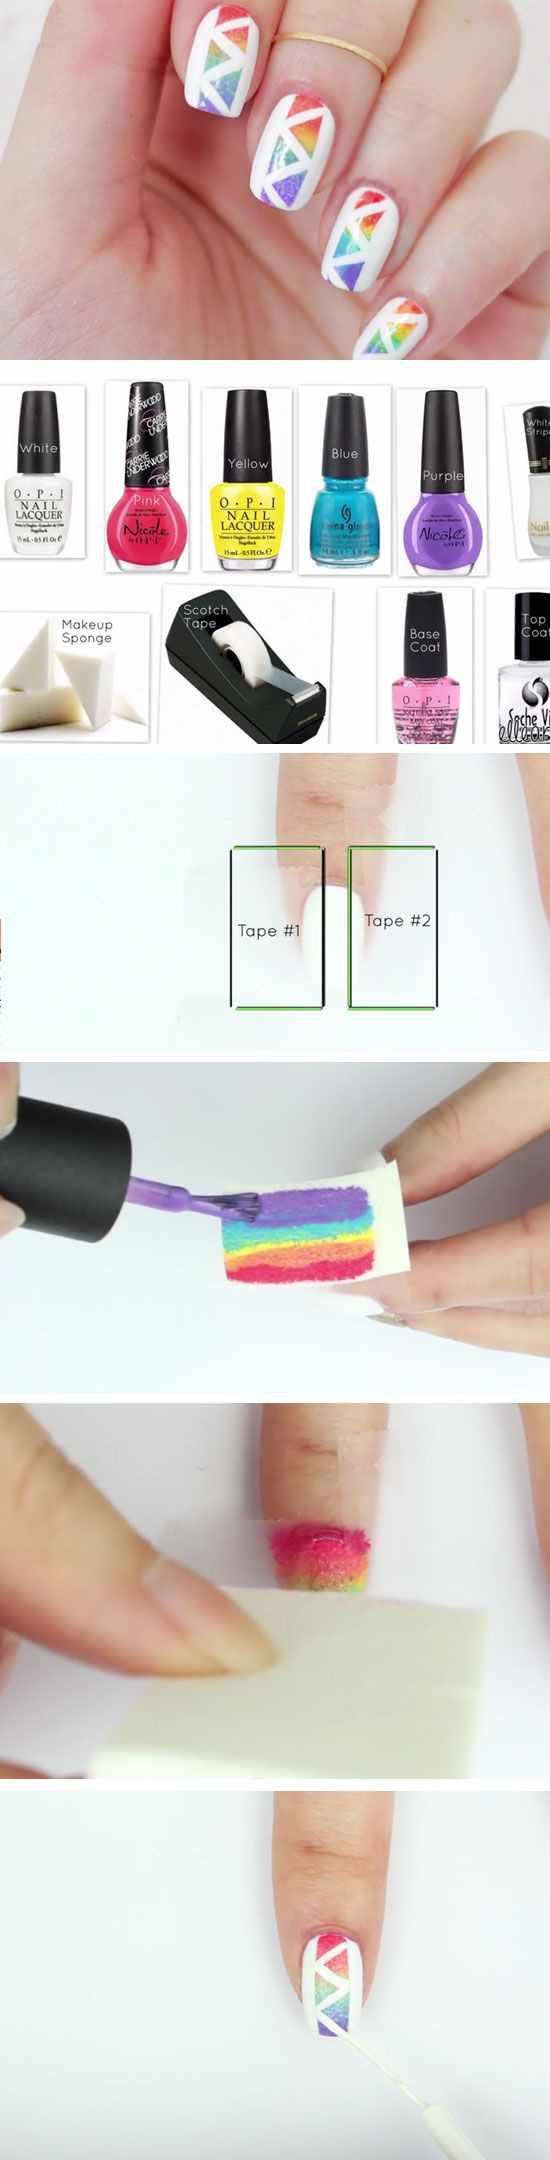 геометрический дизайн ногтей треугольники на белом